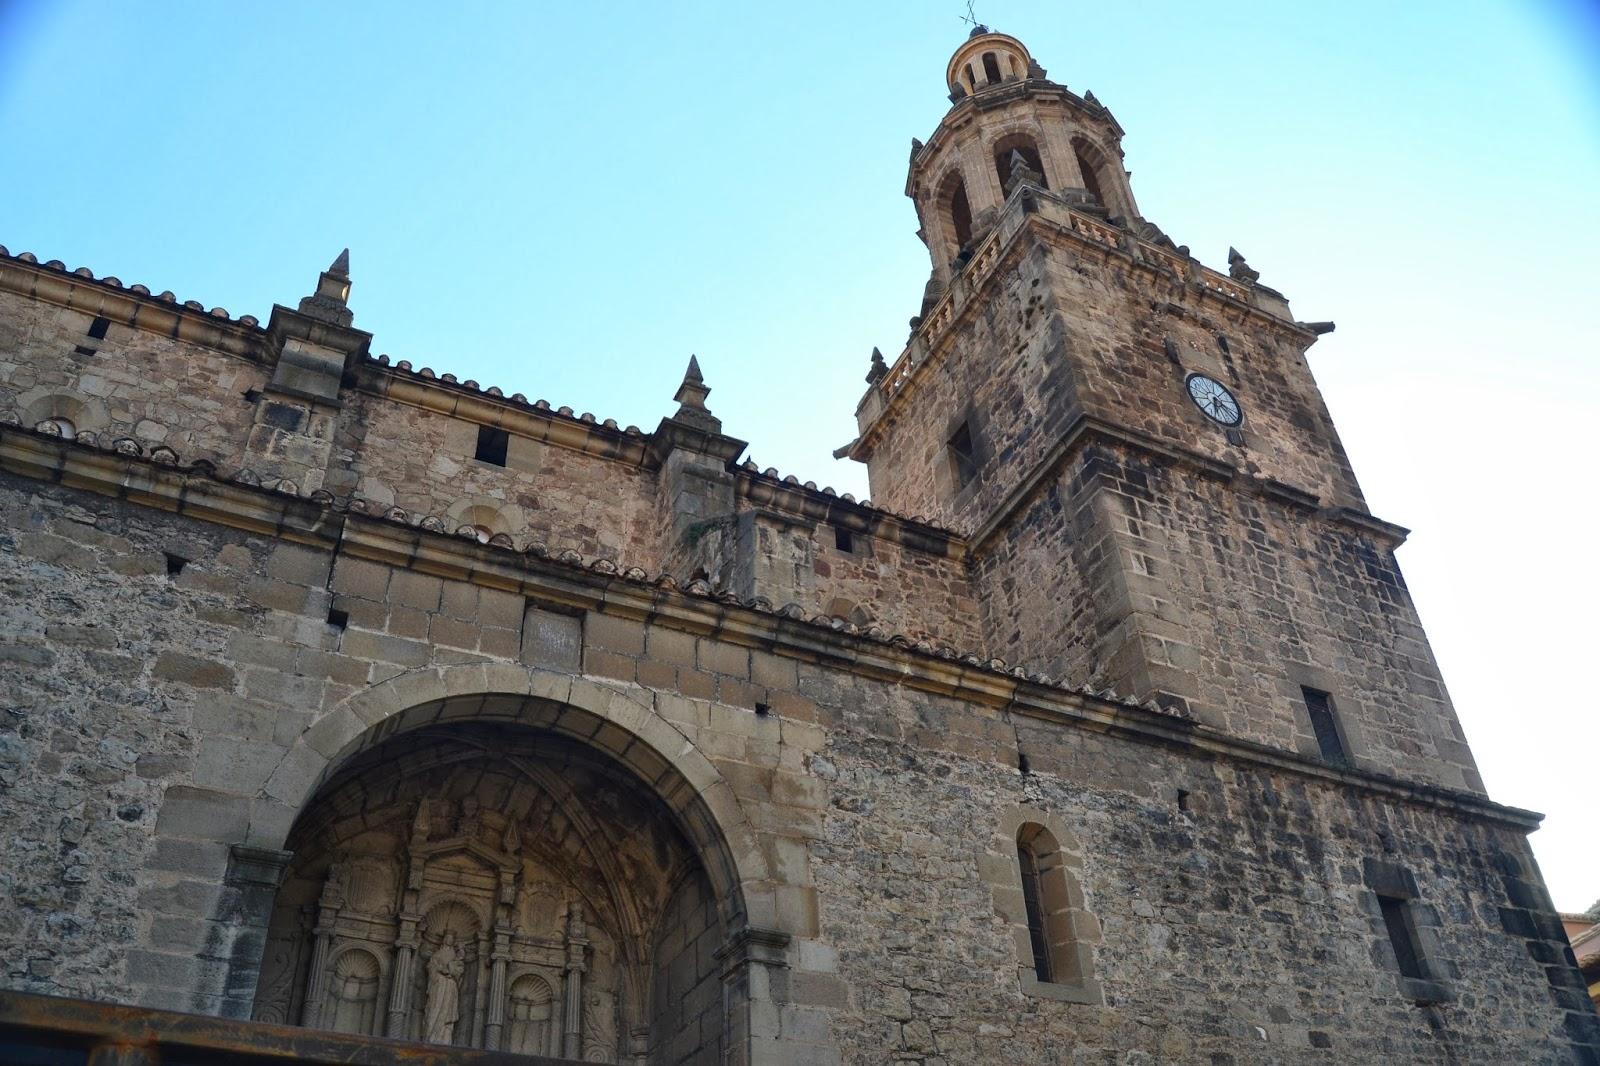 Iglesia de Santa María la Mayor, Rubielos de Mora. Guía de viaje de Teruel y Rubielos de Mora. Tu Maleta.